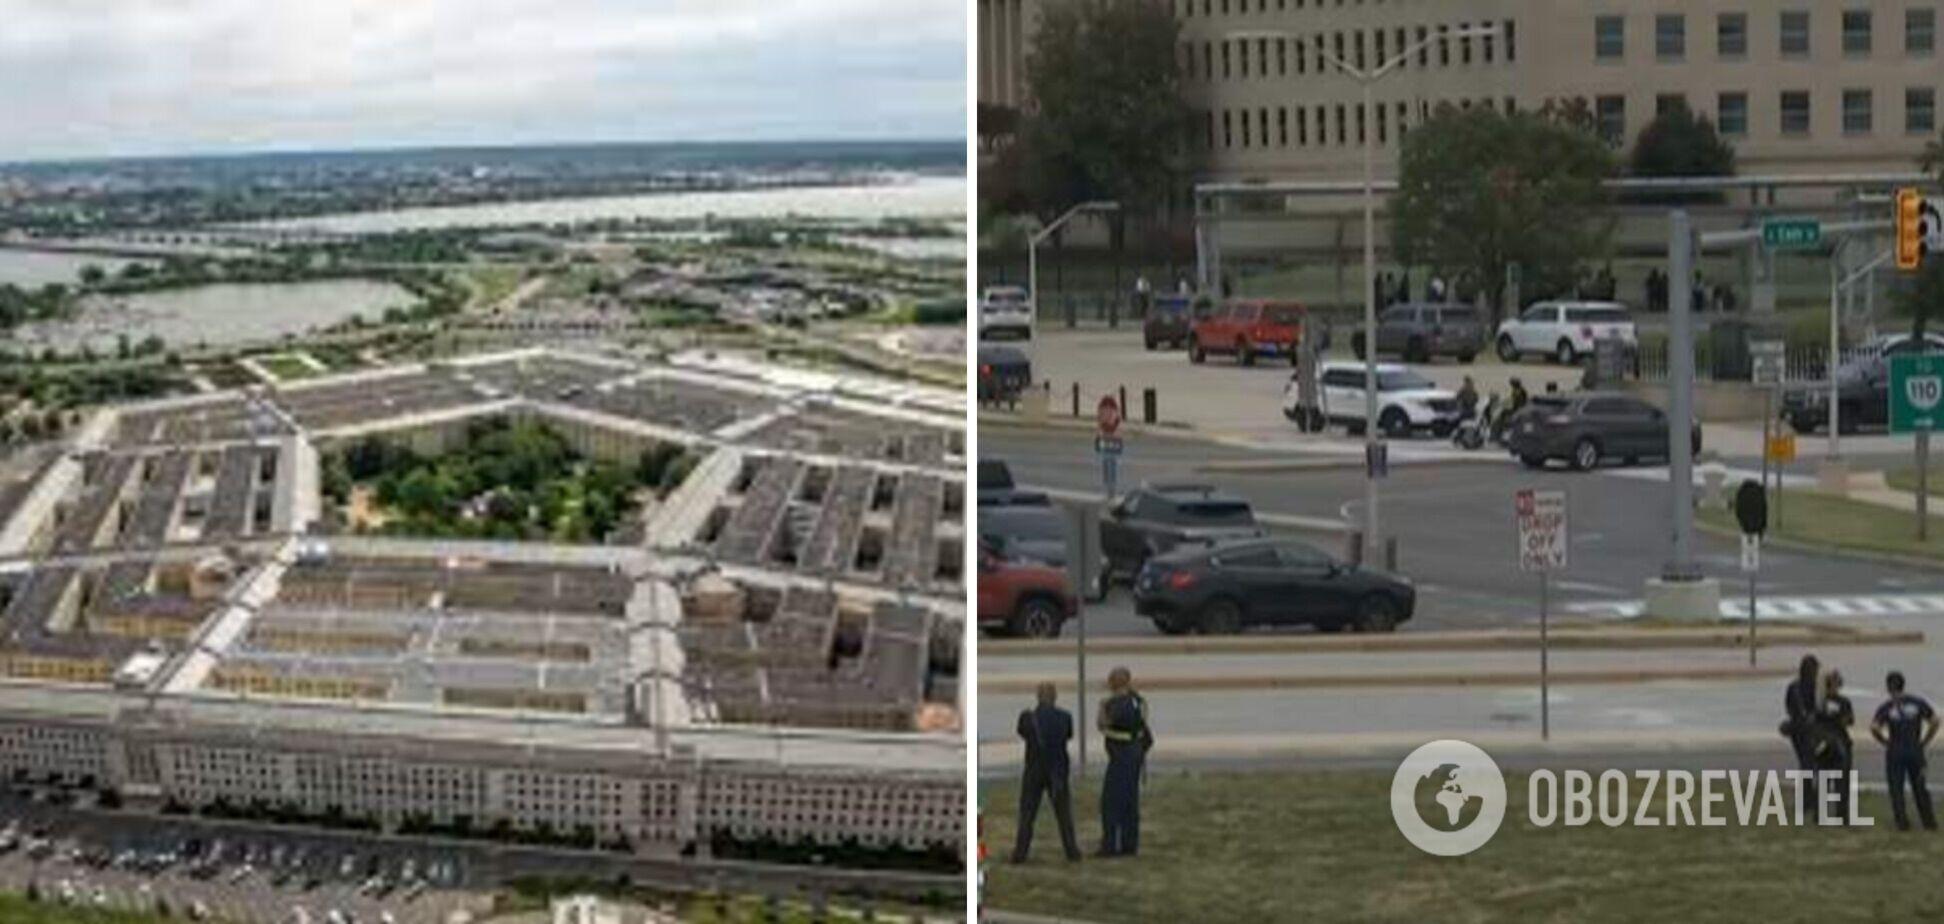 Біля будівлі Пентагону сталася стрілянина, є вбитий і постраждалі. Відео